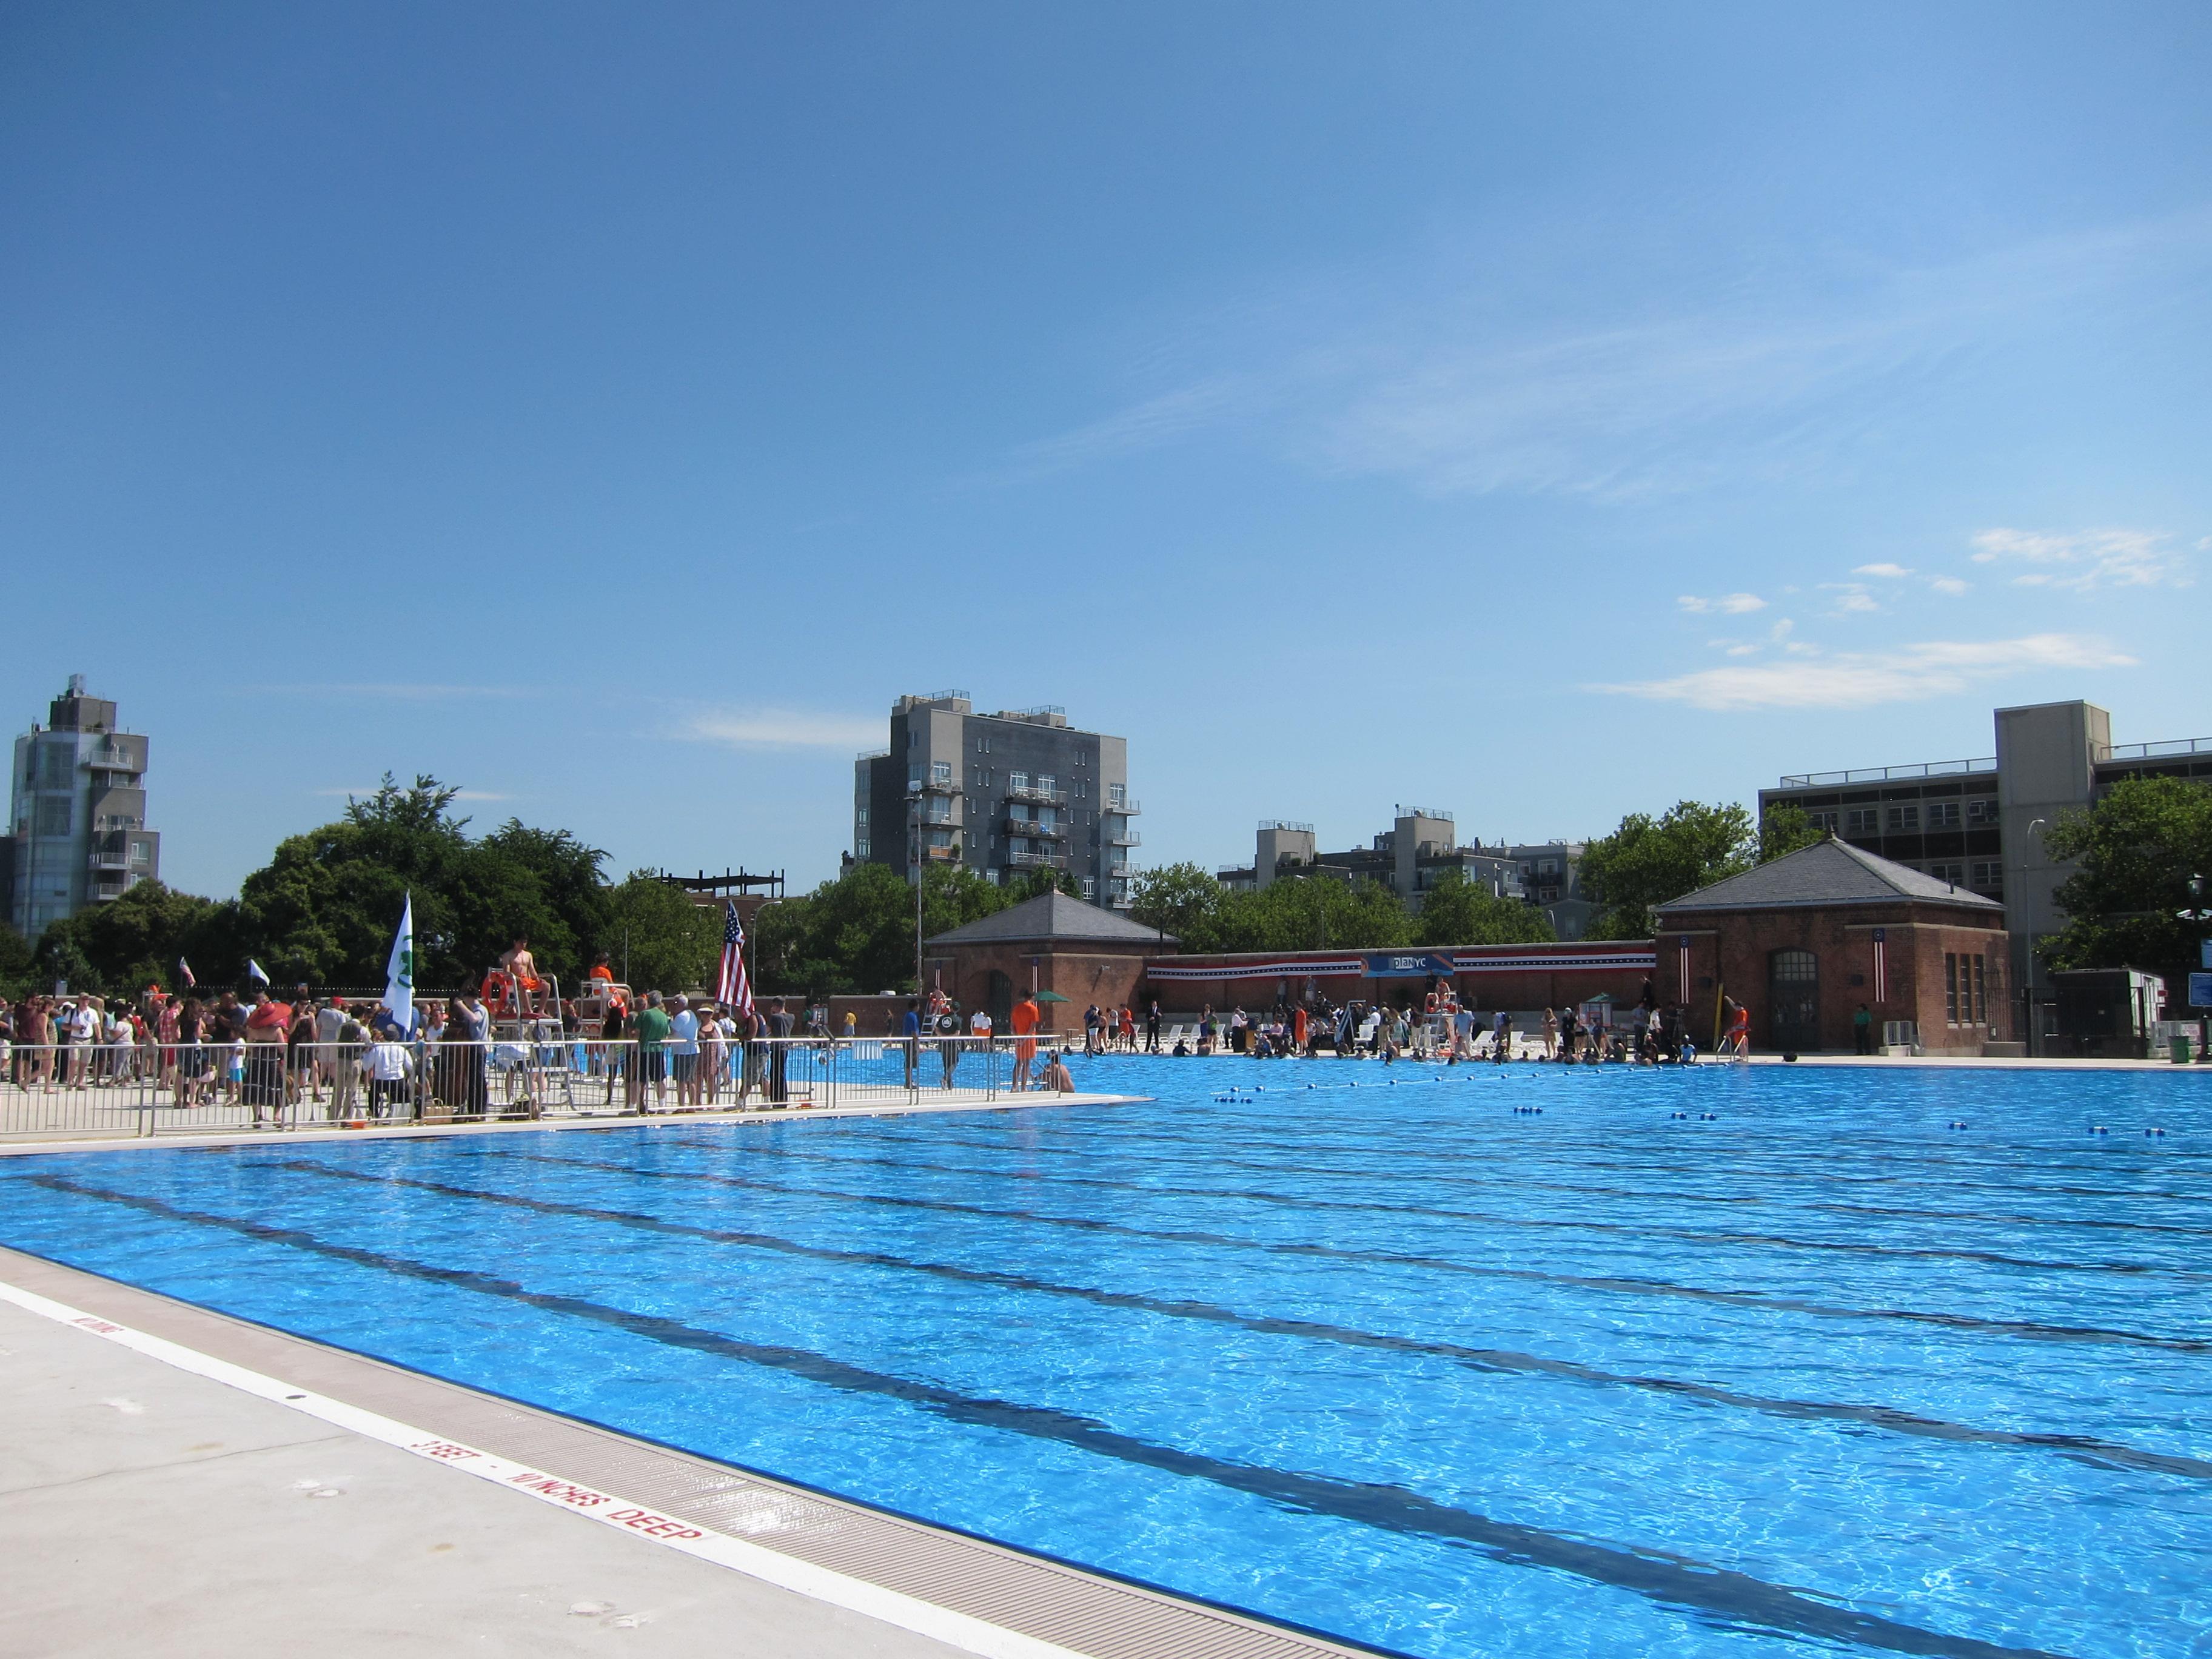 Plan Ou Photo Pool House Pour Piscine toutes les piscines de new york publiques, en extérieur et